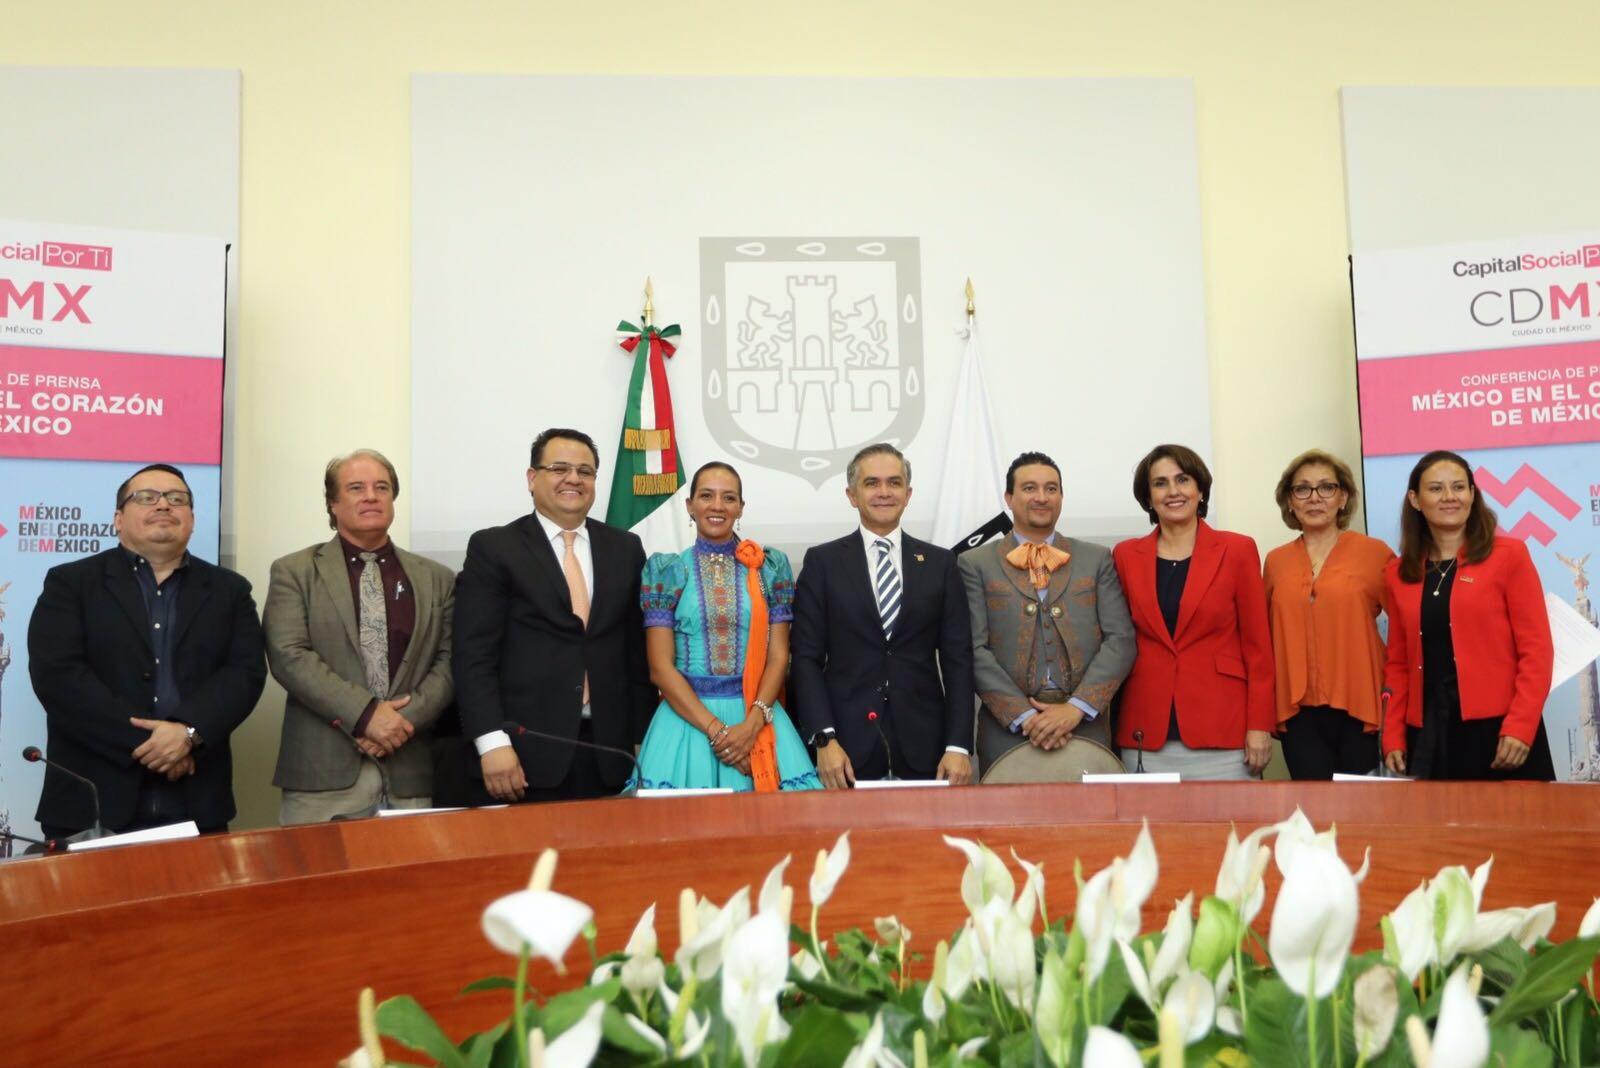 Gastronomía, cultura y artesanía de los estados del país con feria México en el corazón de México